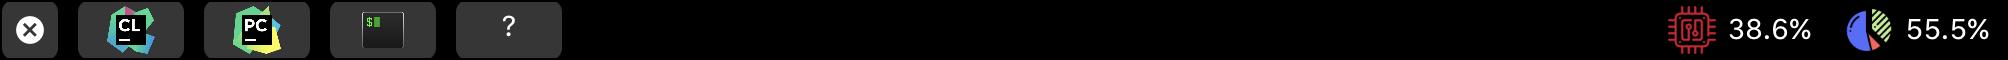 TouchBar Bild 2021-03-09 um 18 38 29